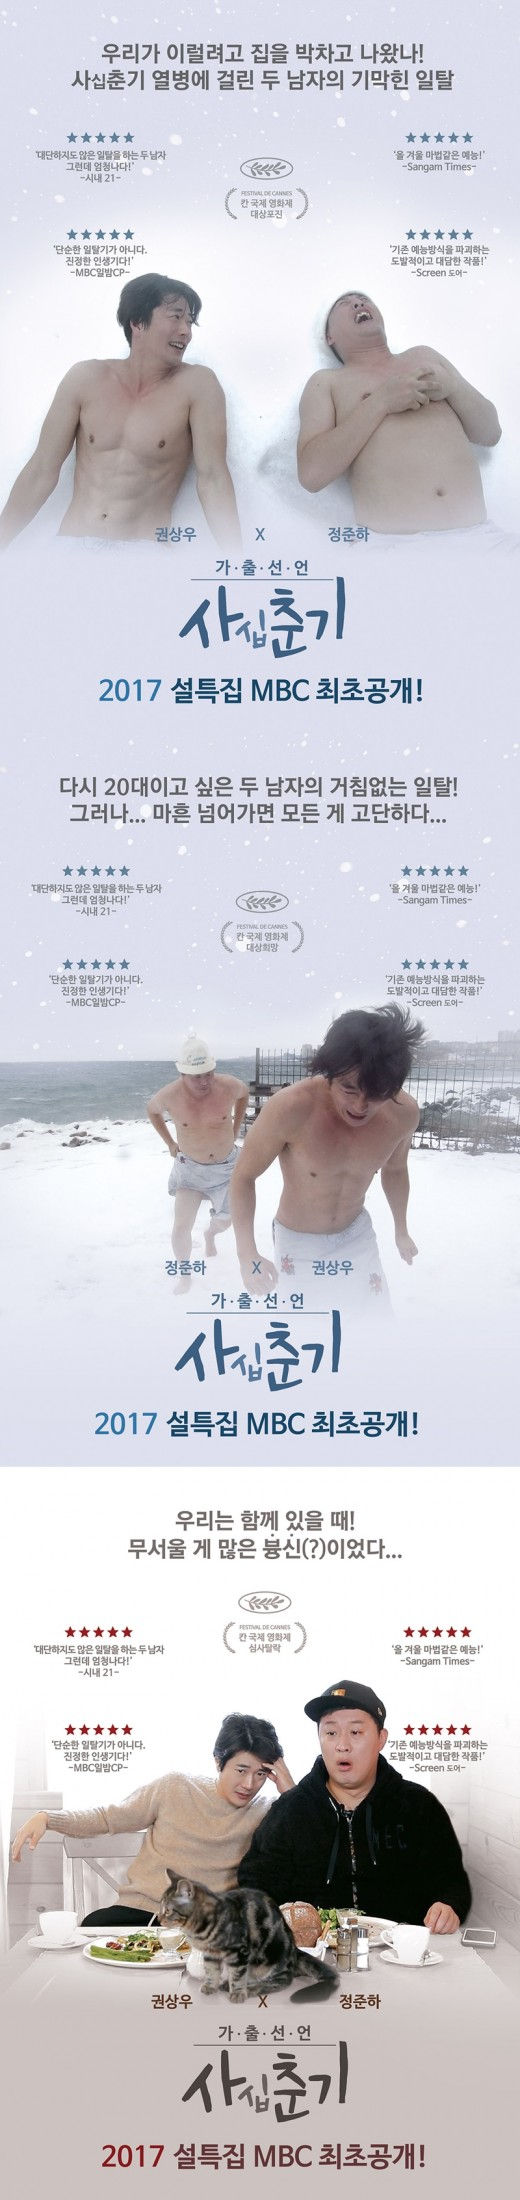 '권상우 복근 vs 정준하 복부'…한겨울에 노출 브로맨스_이미지